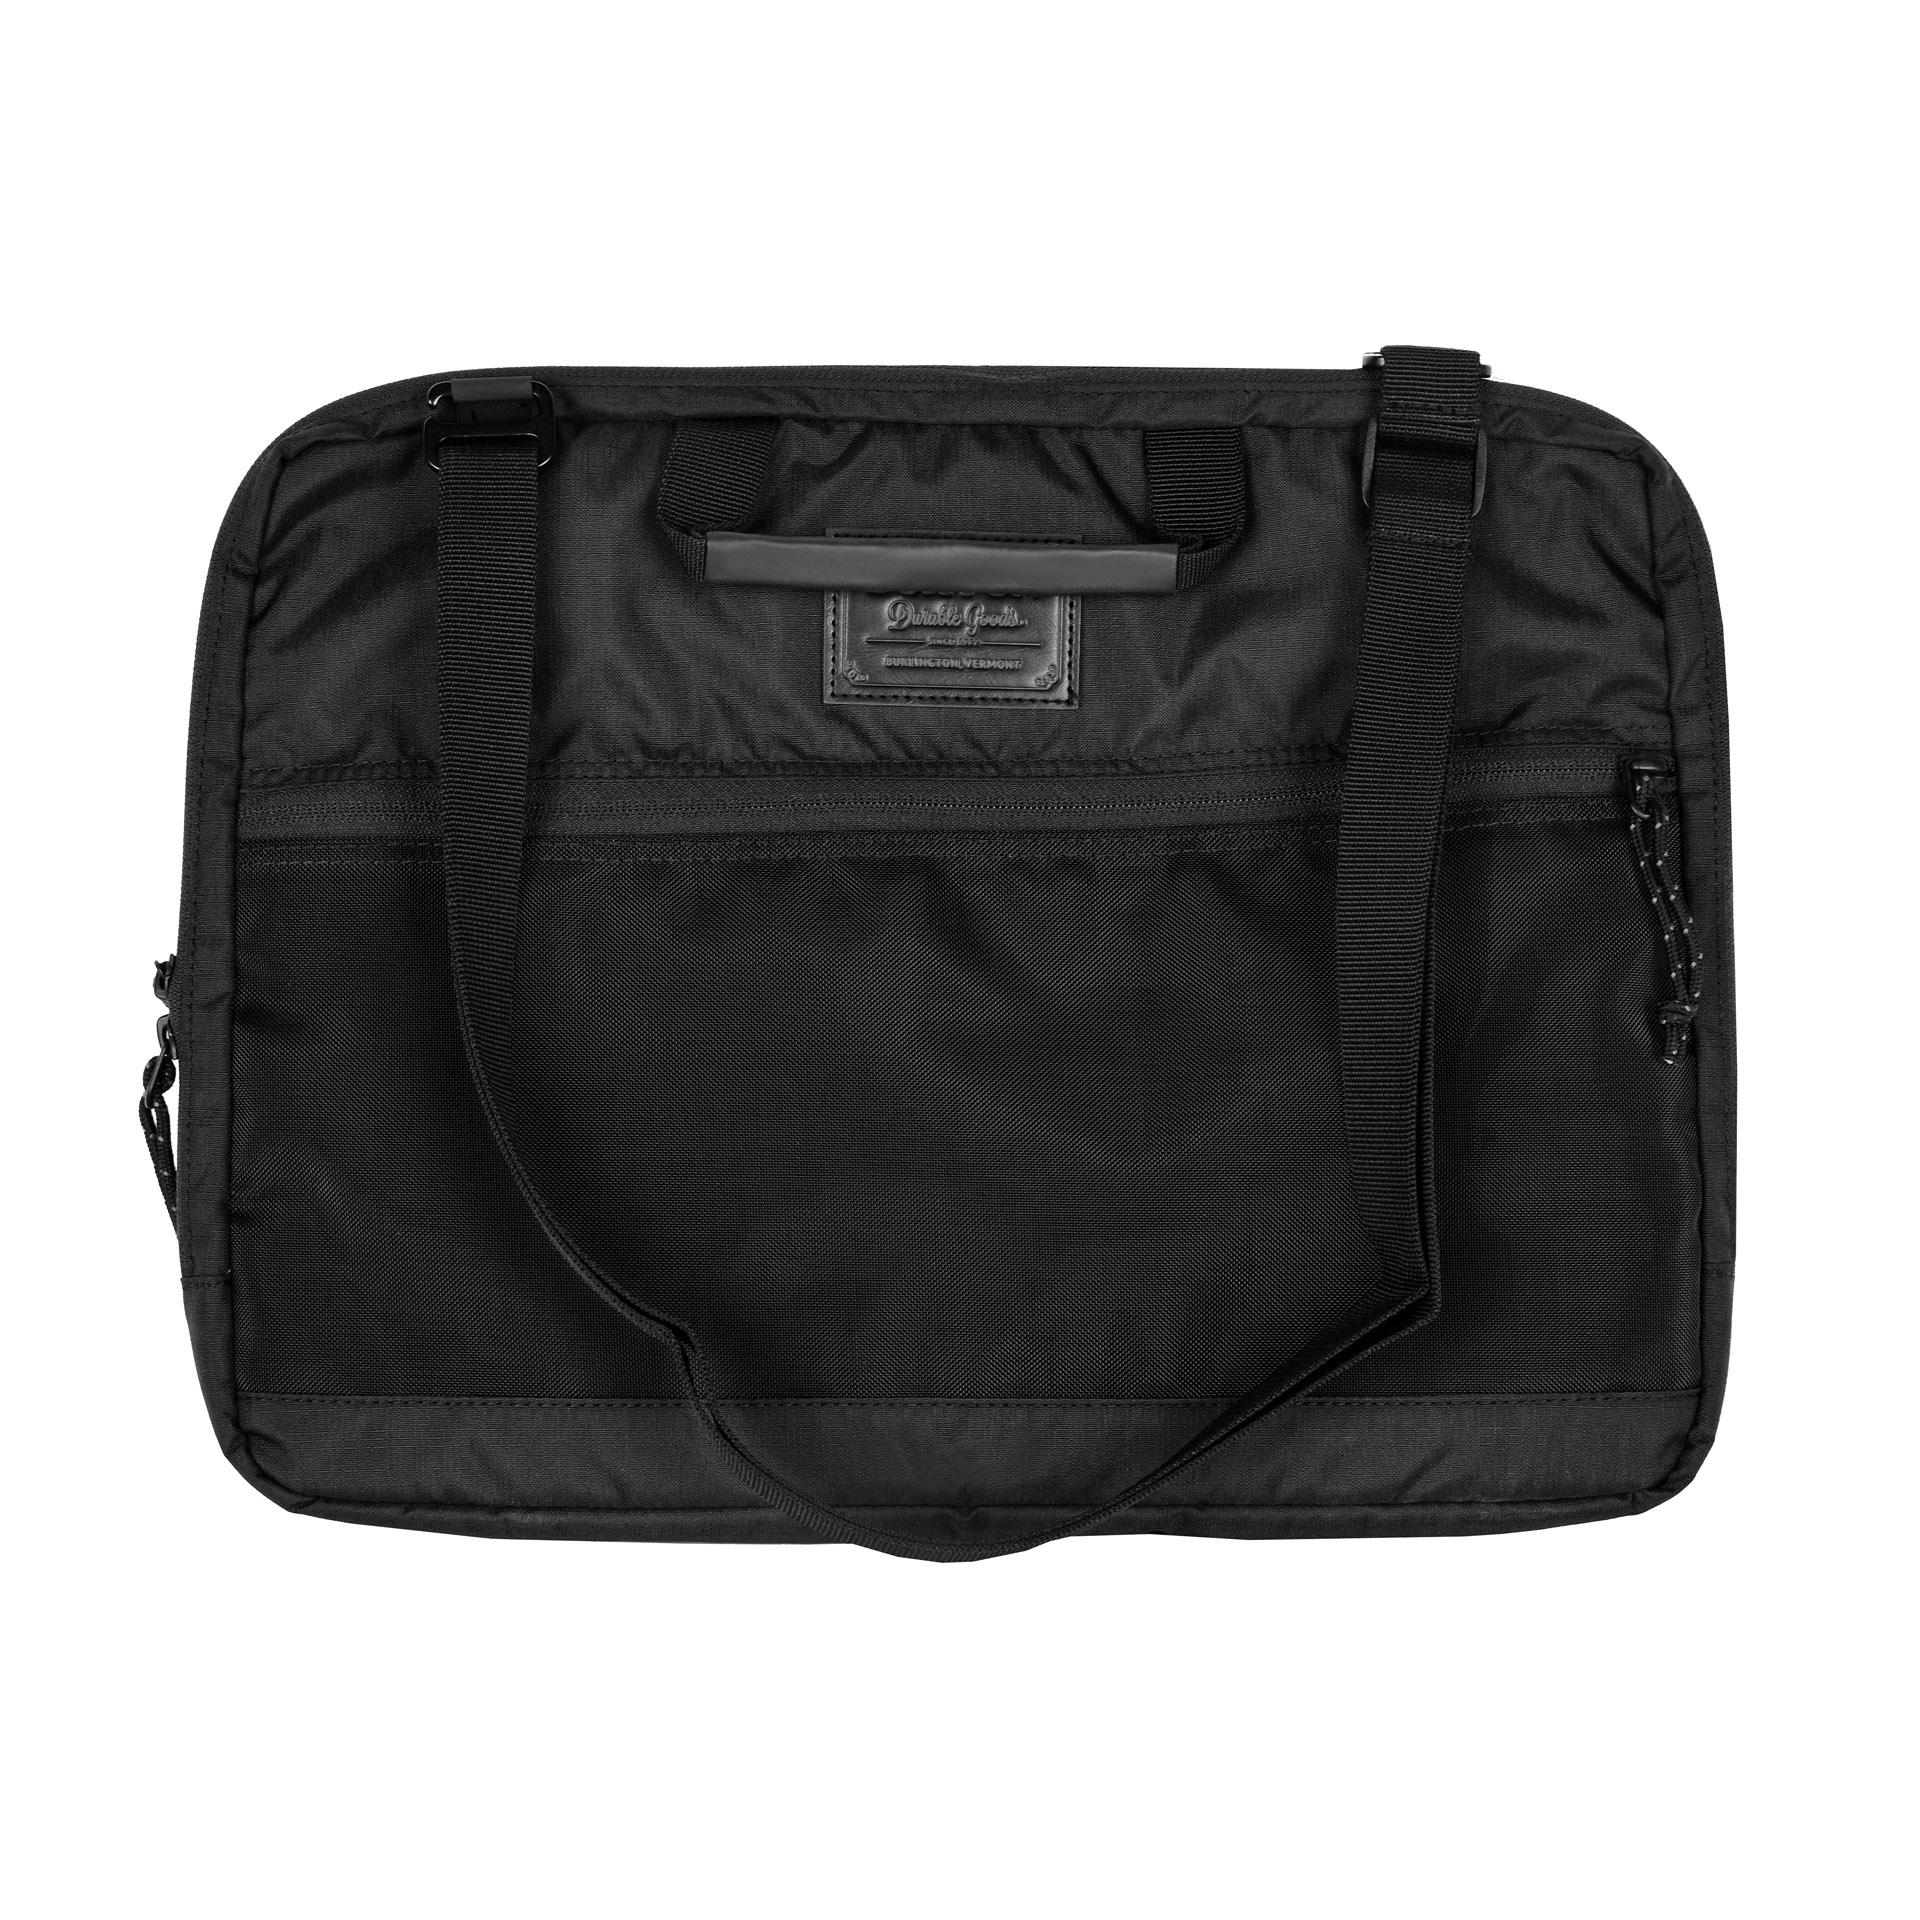 Burton Hyperlink 15 In Triple ripstop true black Praktický obal na laptop s organizérom a možnosťou nosenia cez rameno.- vrecko s vypchávkou na 15